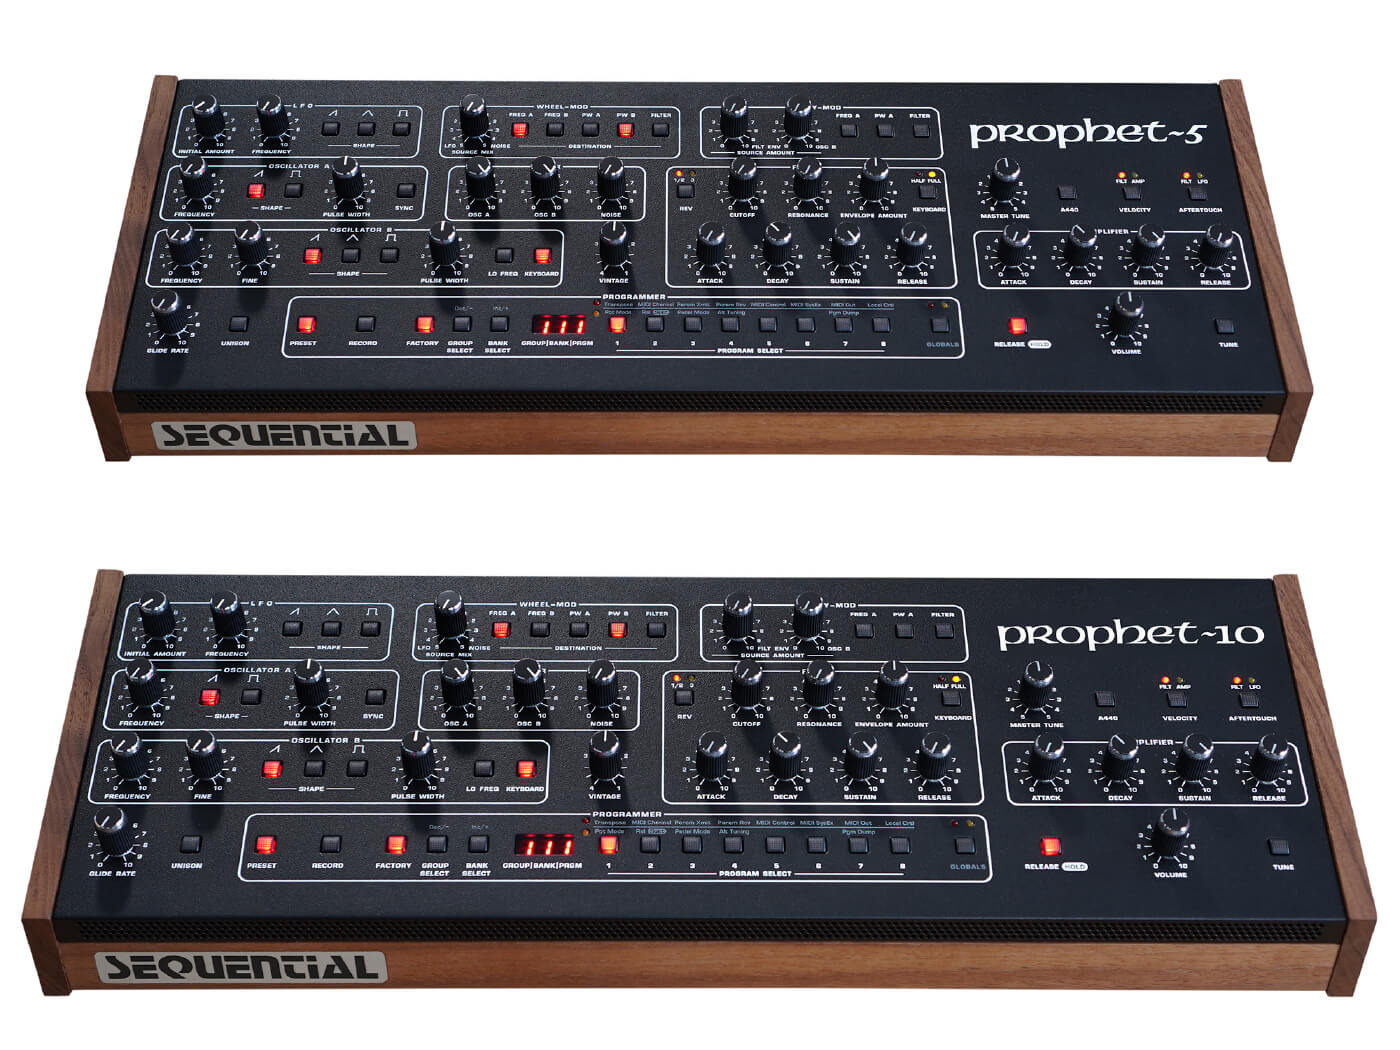 Sequential Prophet-5 and Prophet-10 Desktop